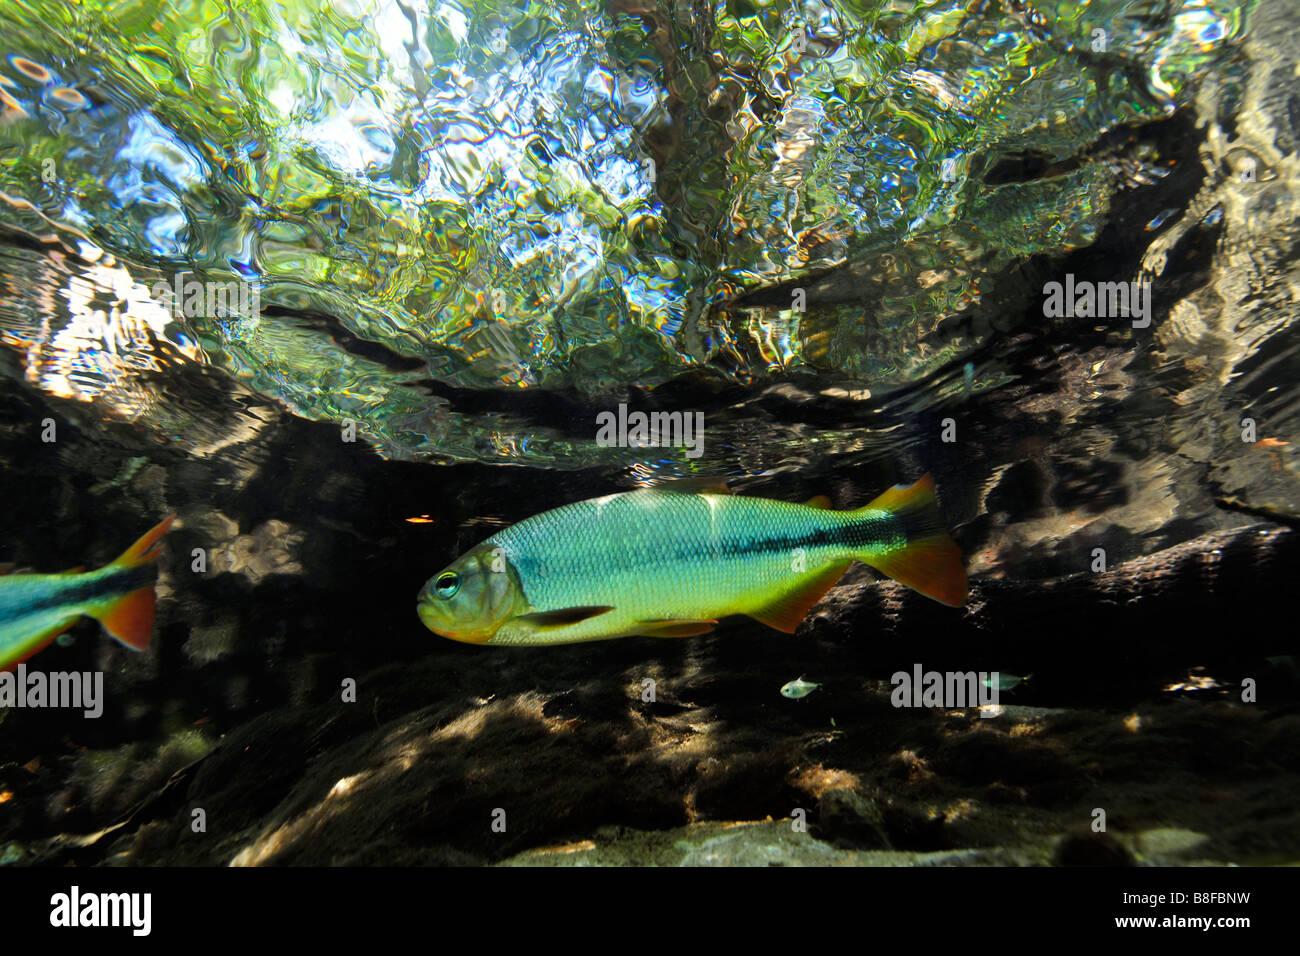 Characins or piraputangas, Brycon hilarii, at Prata river, Bonito, Mato Grosso do Sul, Brazil Stock Photo